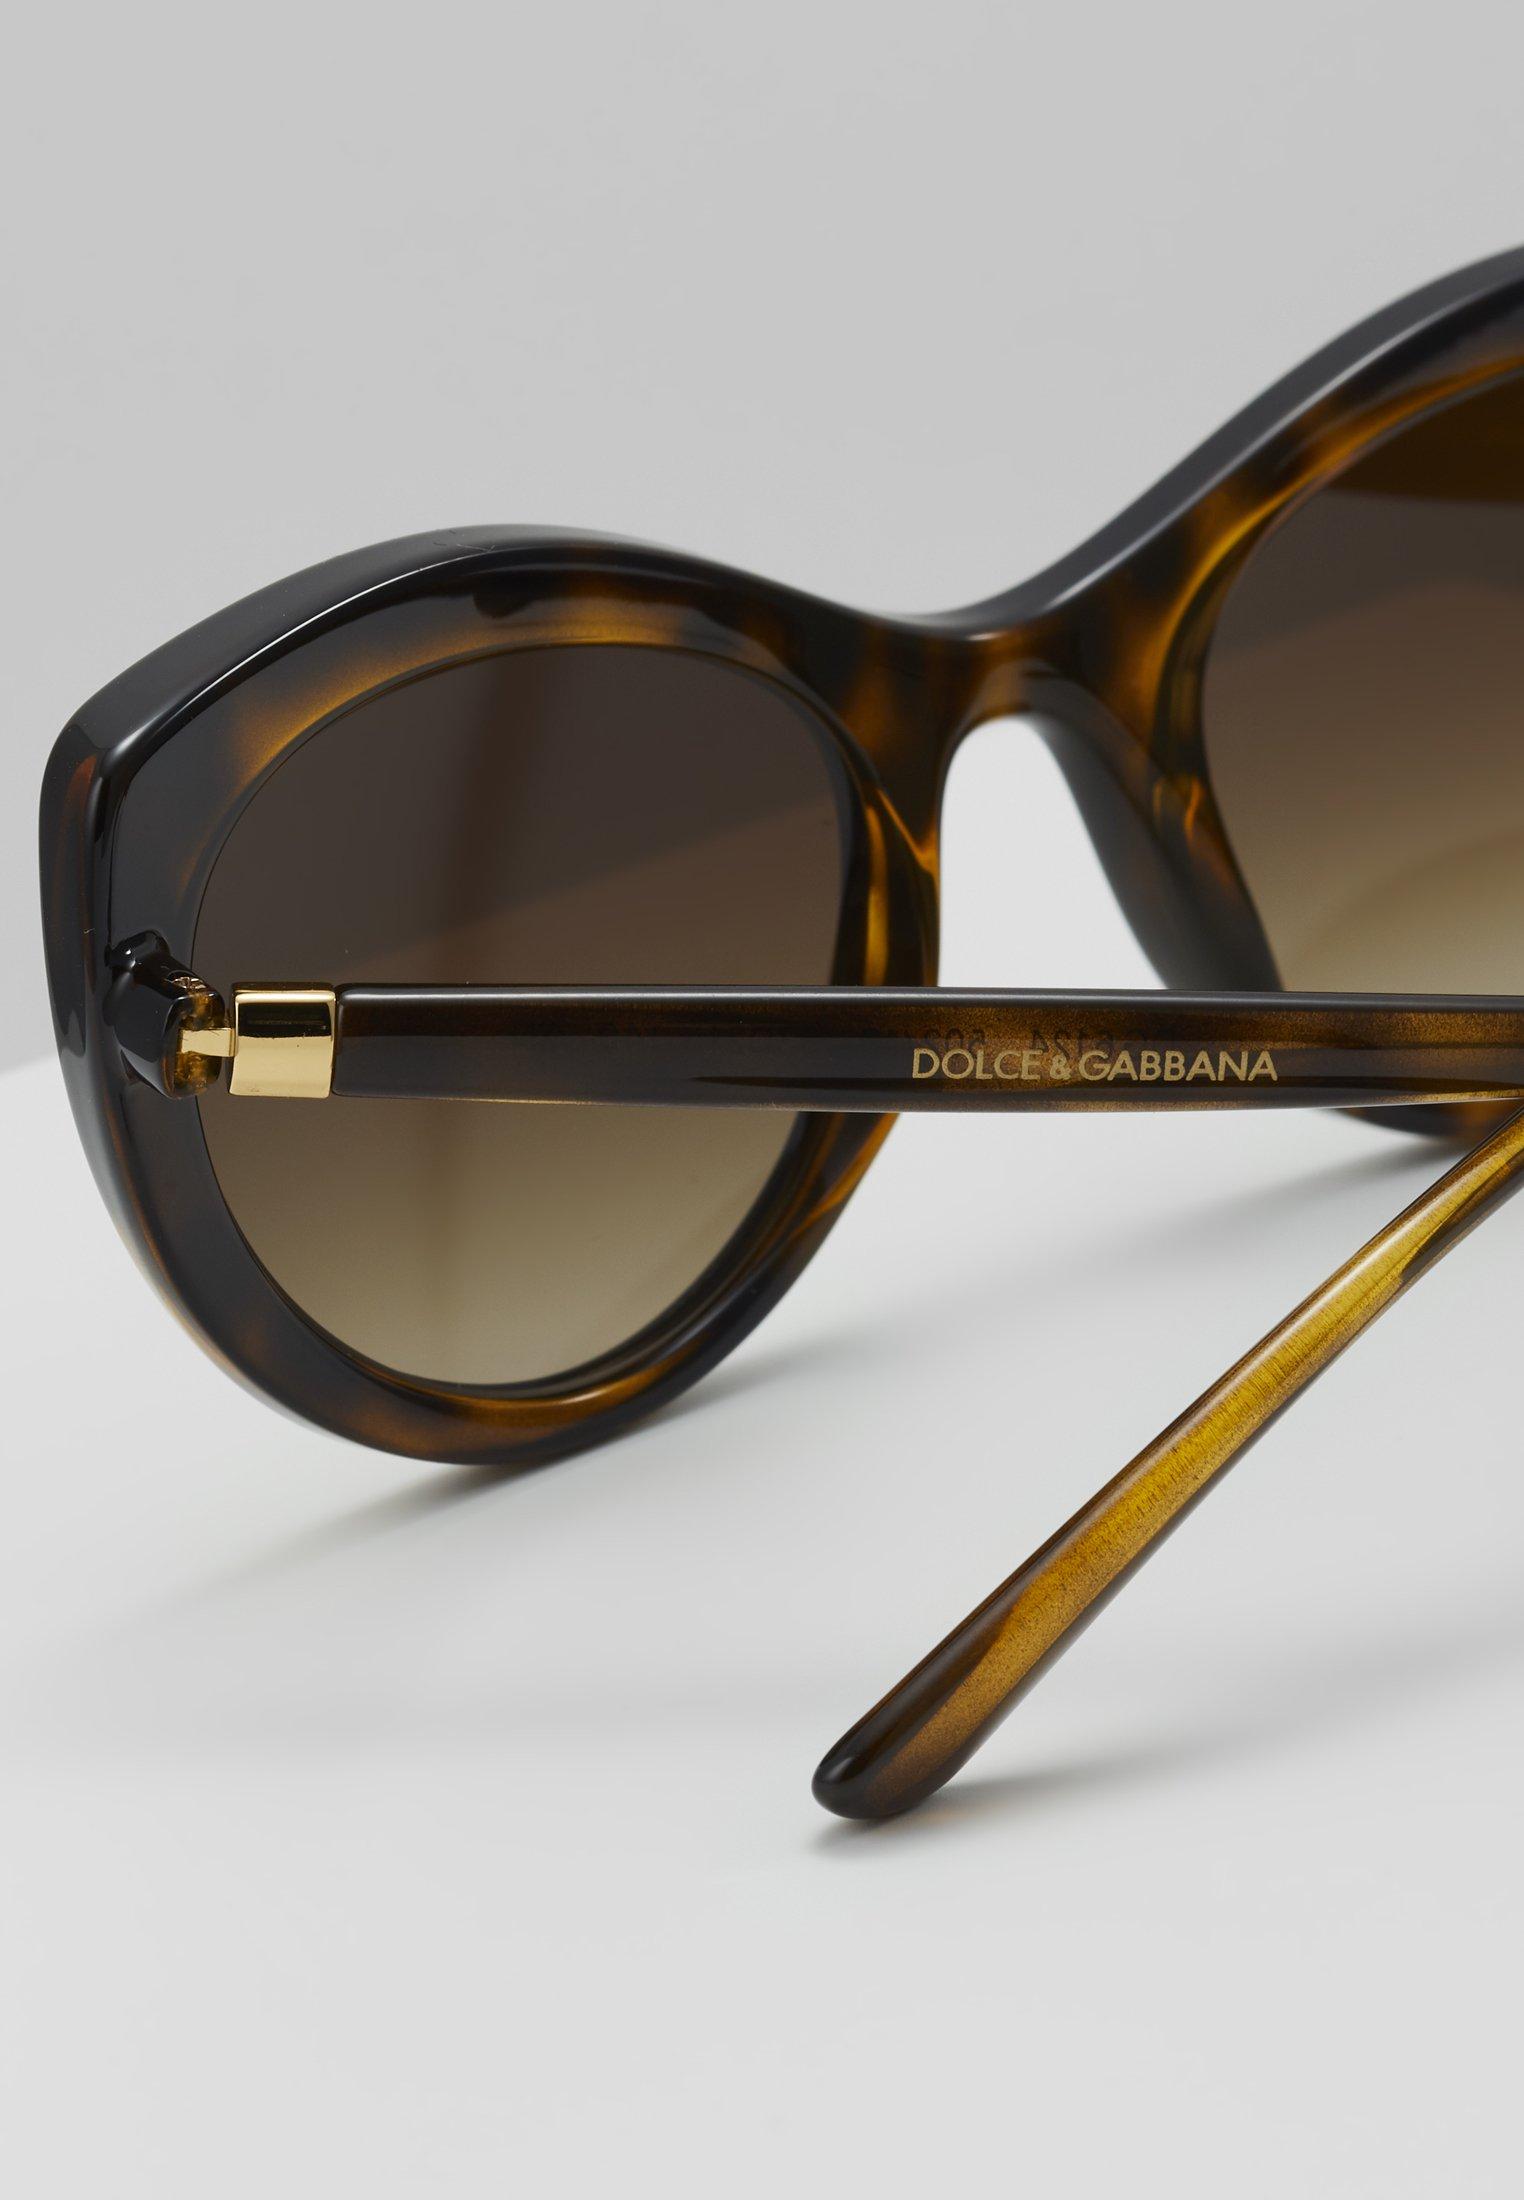 Autentyczny Gorąca wyprzedaż Dolce&Gabbana Okulary przeciwsłoneczne - havana | Akcesoria damskie 2020 YoTbT